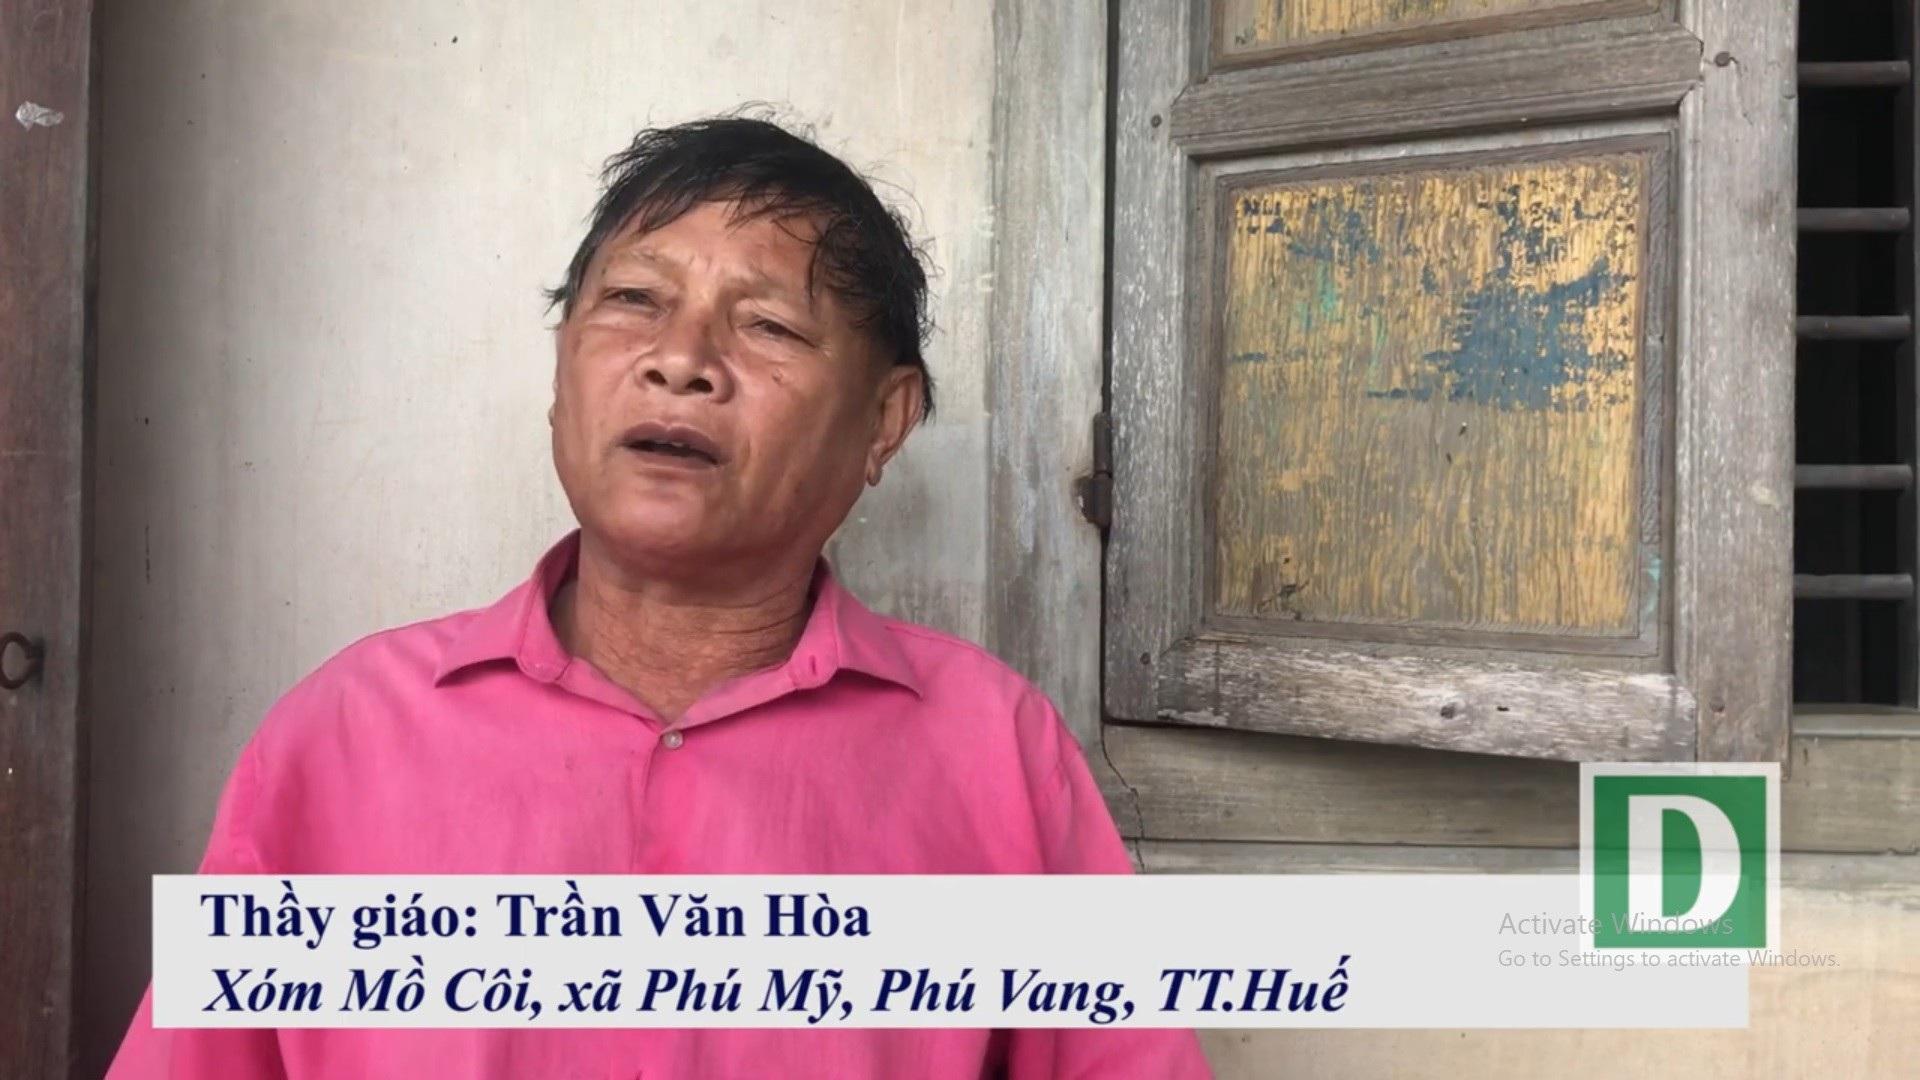 """Người thầy U80 """"chở chữ"""" miễn phí cho người dân sông nước Phú Vang - Ảnh 5."""